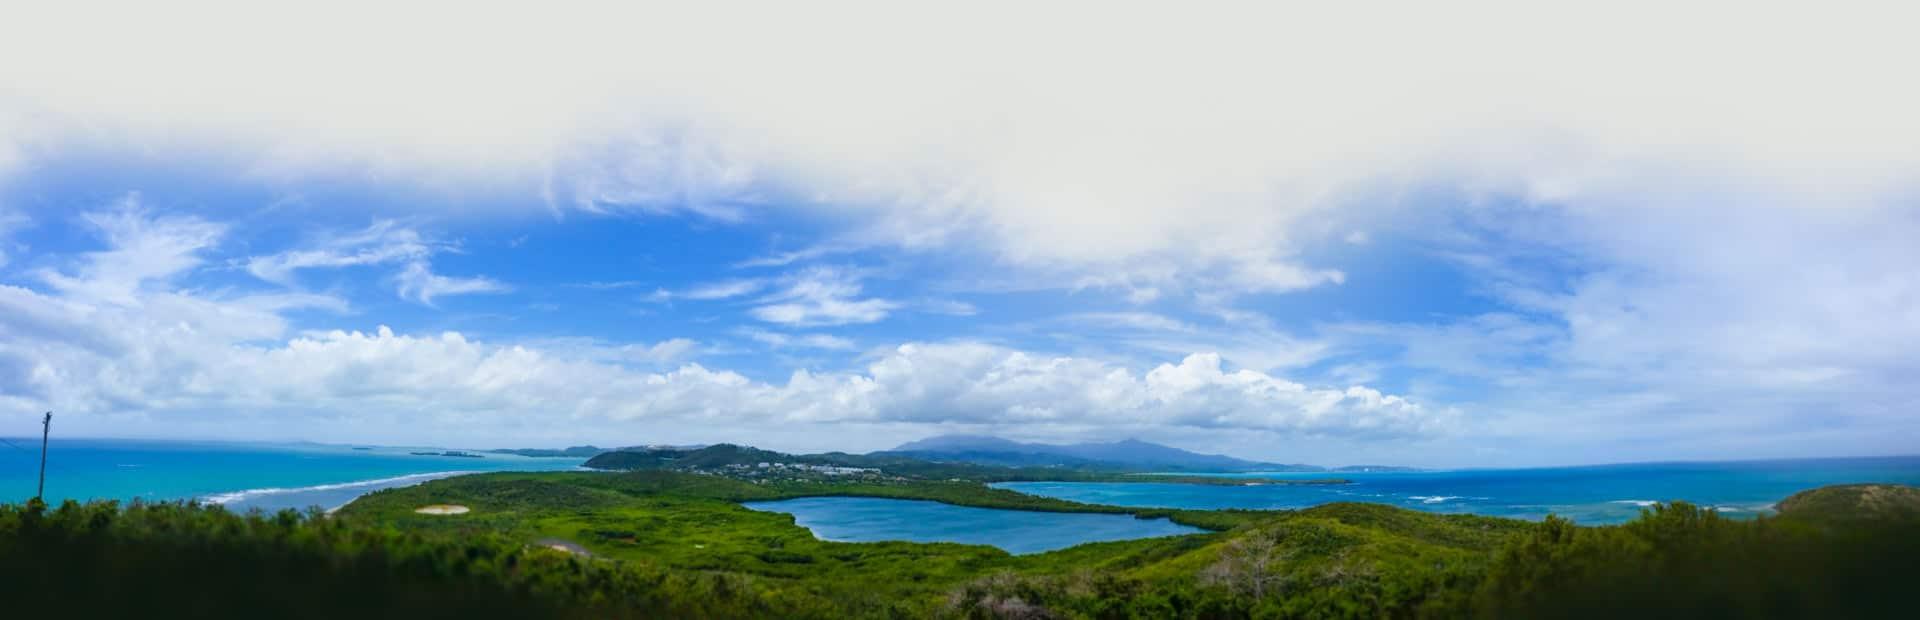 Panoramic view of Fajardo Bio Bay Bioluminescent Bay Puerto Rico